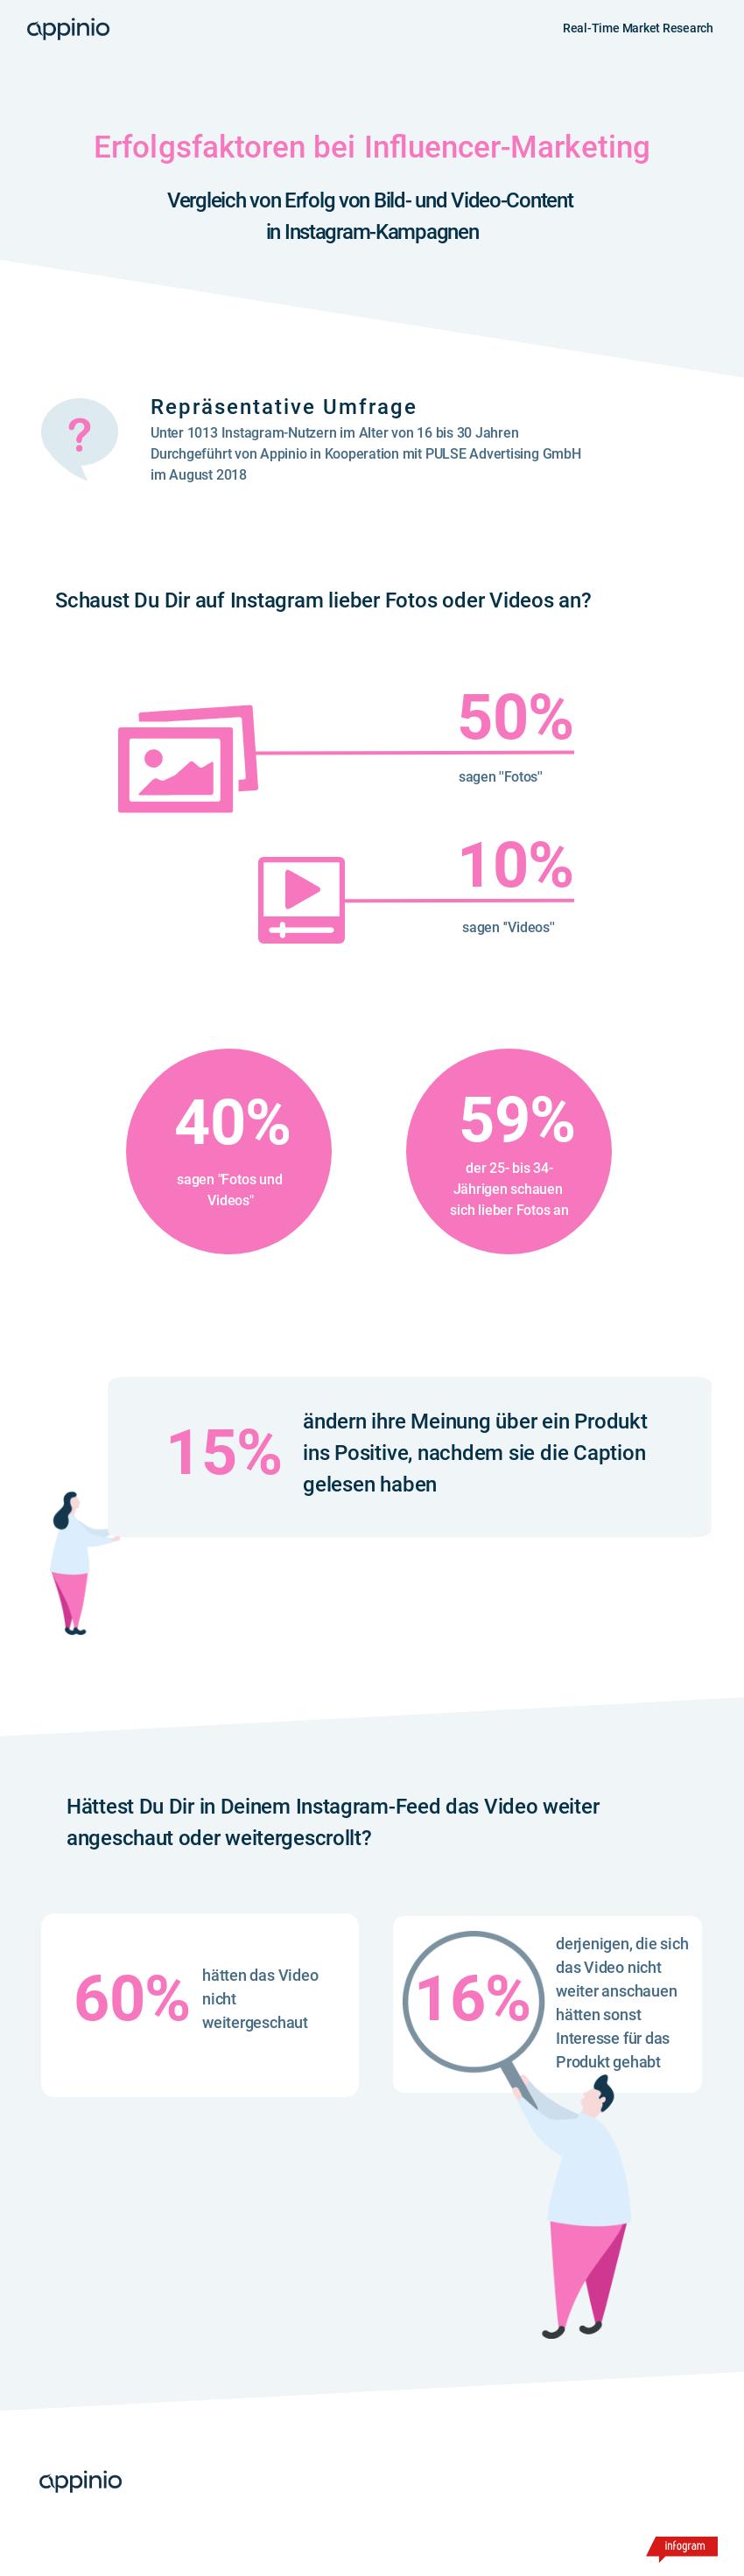 Studie von Appinio und Pulse Advertising zu Erfolgsfaktoren beim Influencer-Marketing. Bild- und Video-Content. Akzeptanz von Bewegtbild